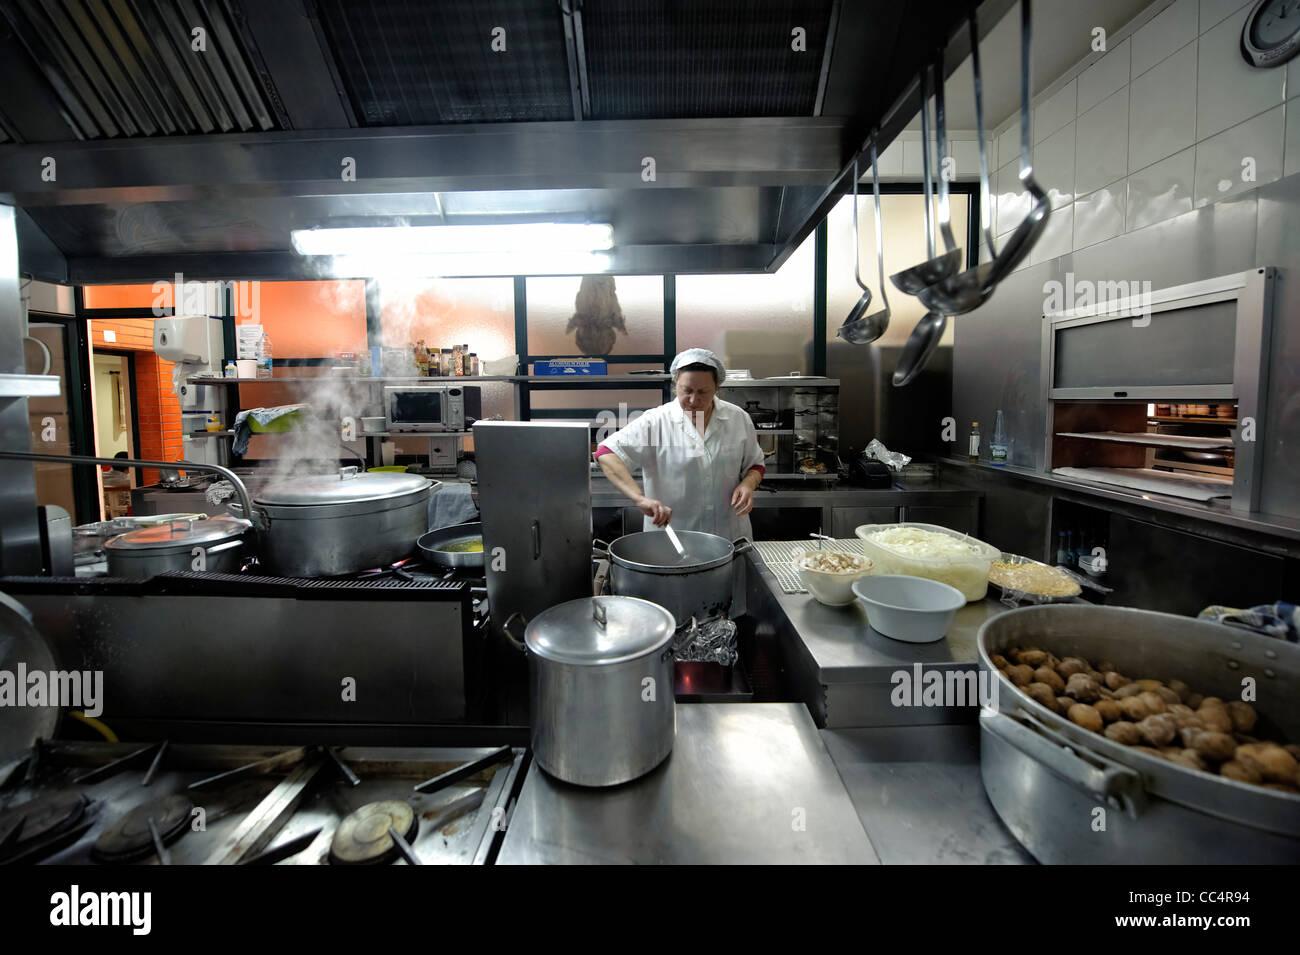 Diner Person Stockfotos & Diner Person Bilder - Seite 37 - Alamy